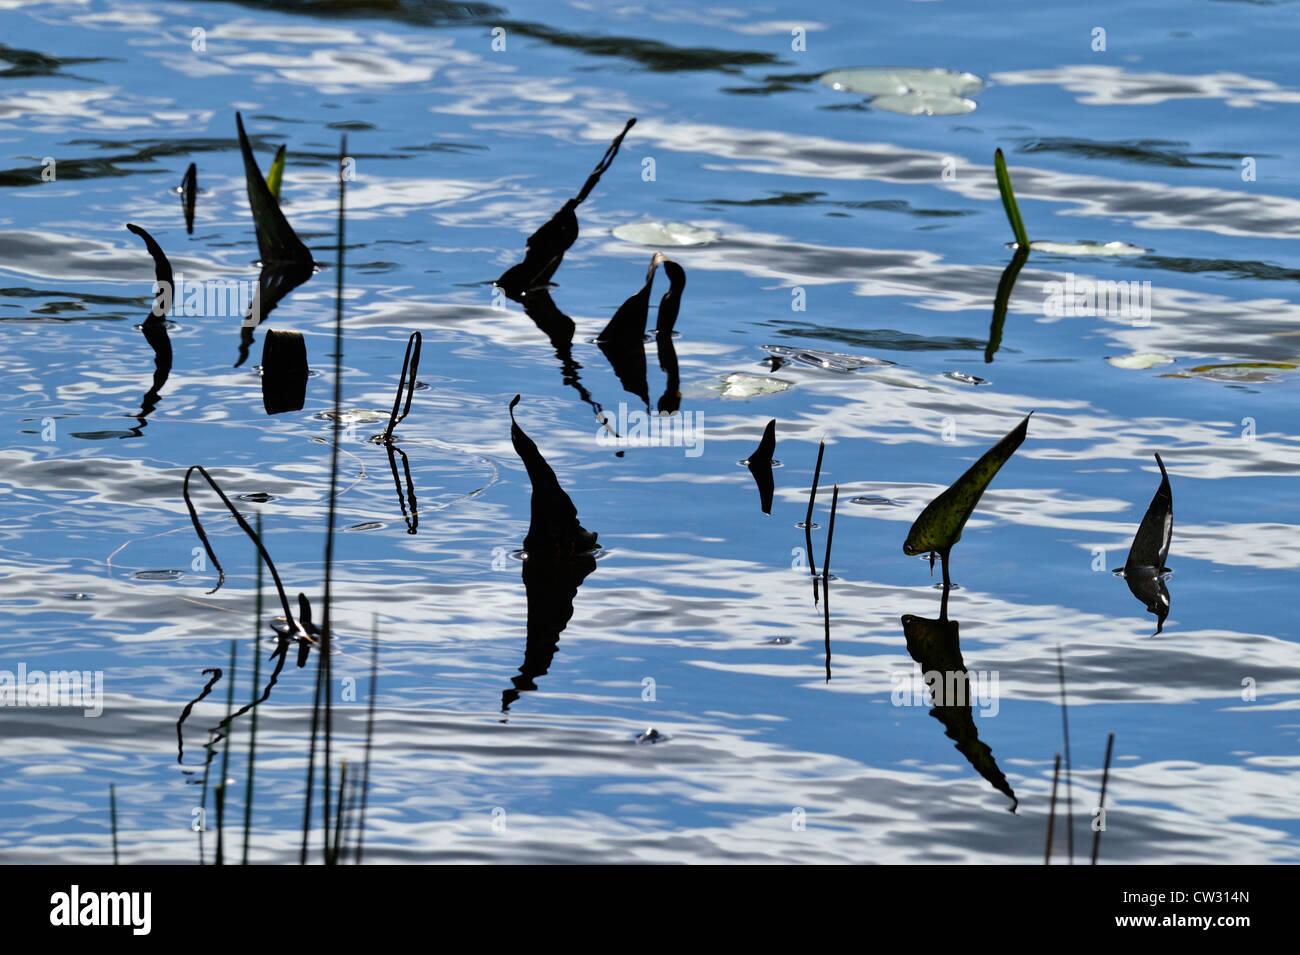 Pickerelweed (Pontederia cordata) leaf silhouettes in Elbow Lake shallows, Wanup, Ontario, Canada Stock Photo